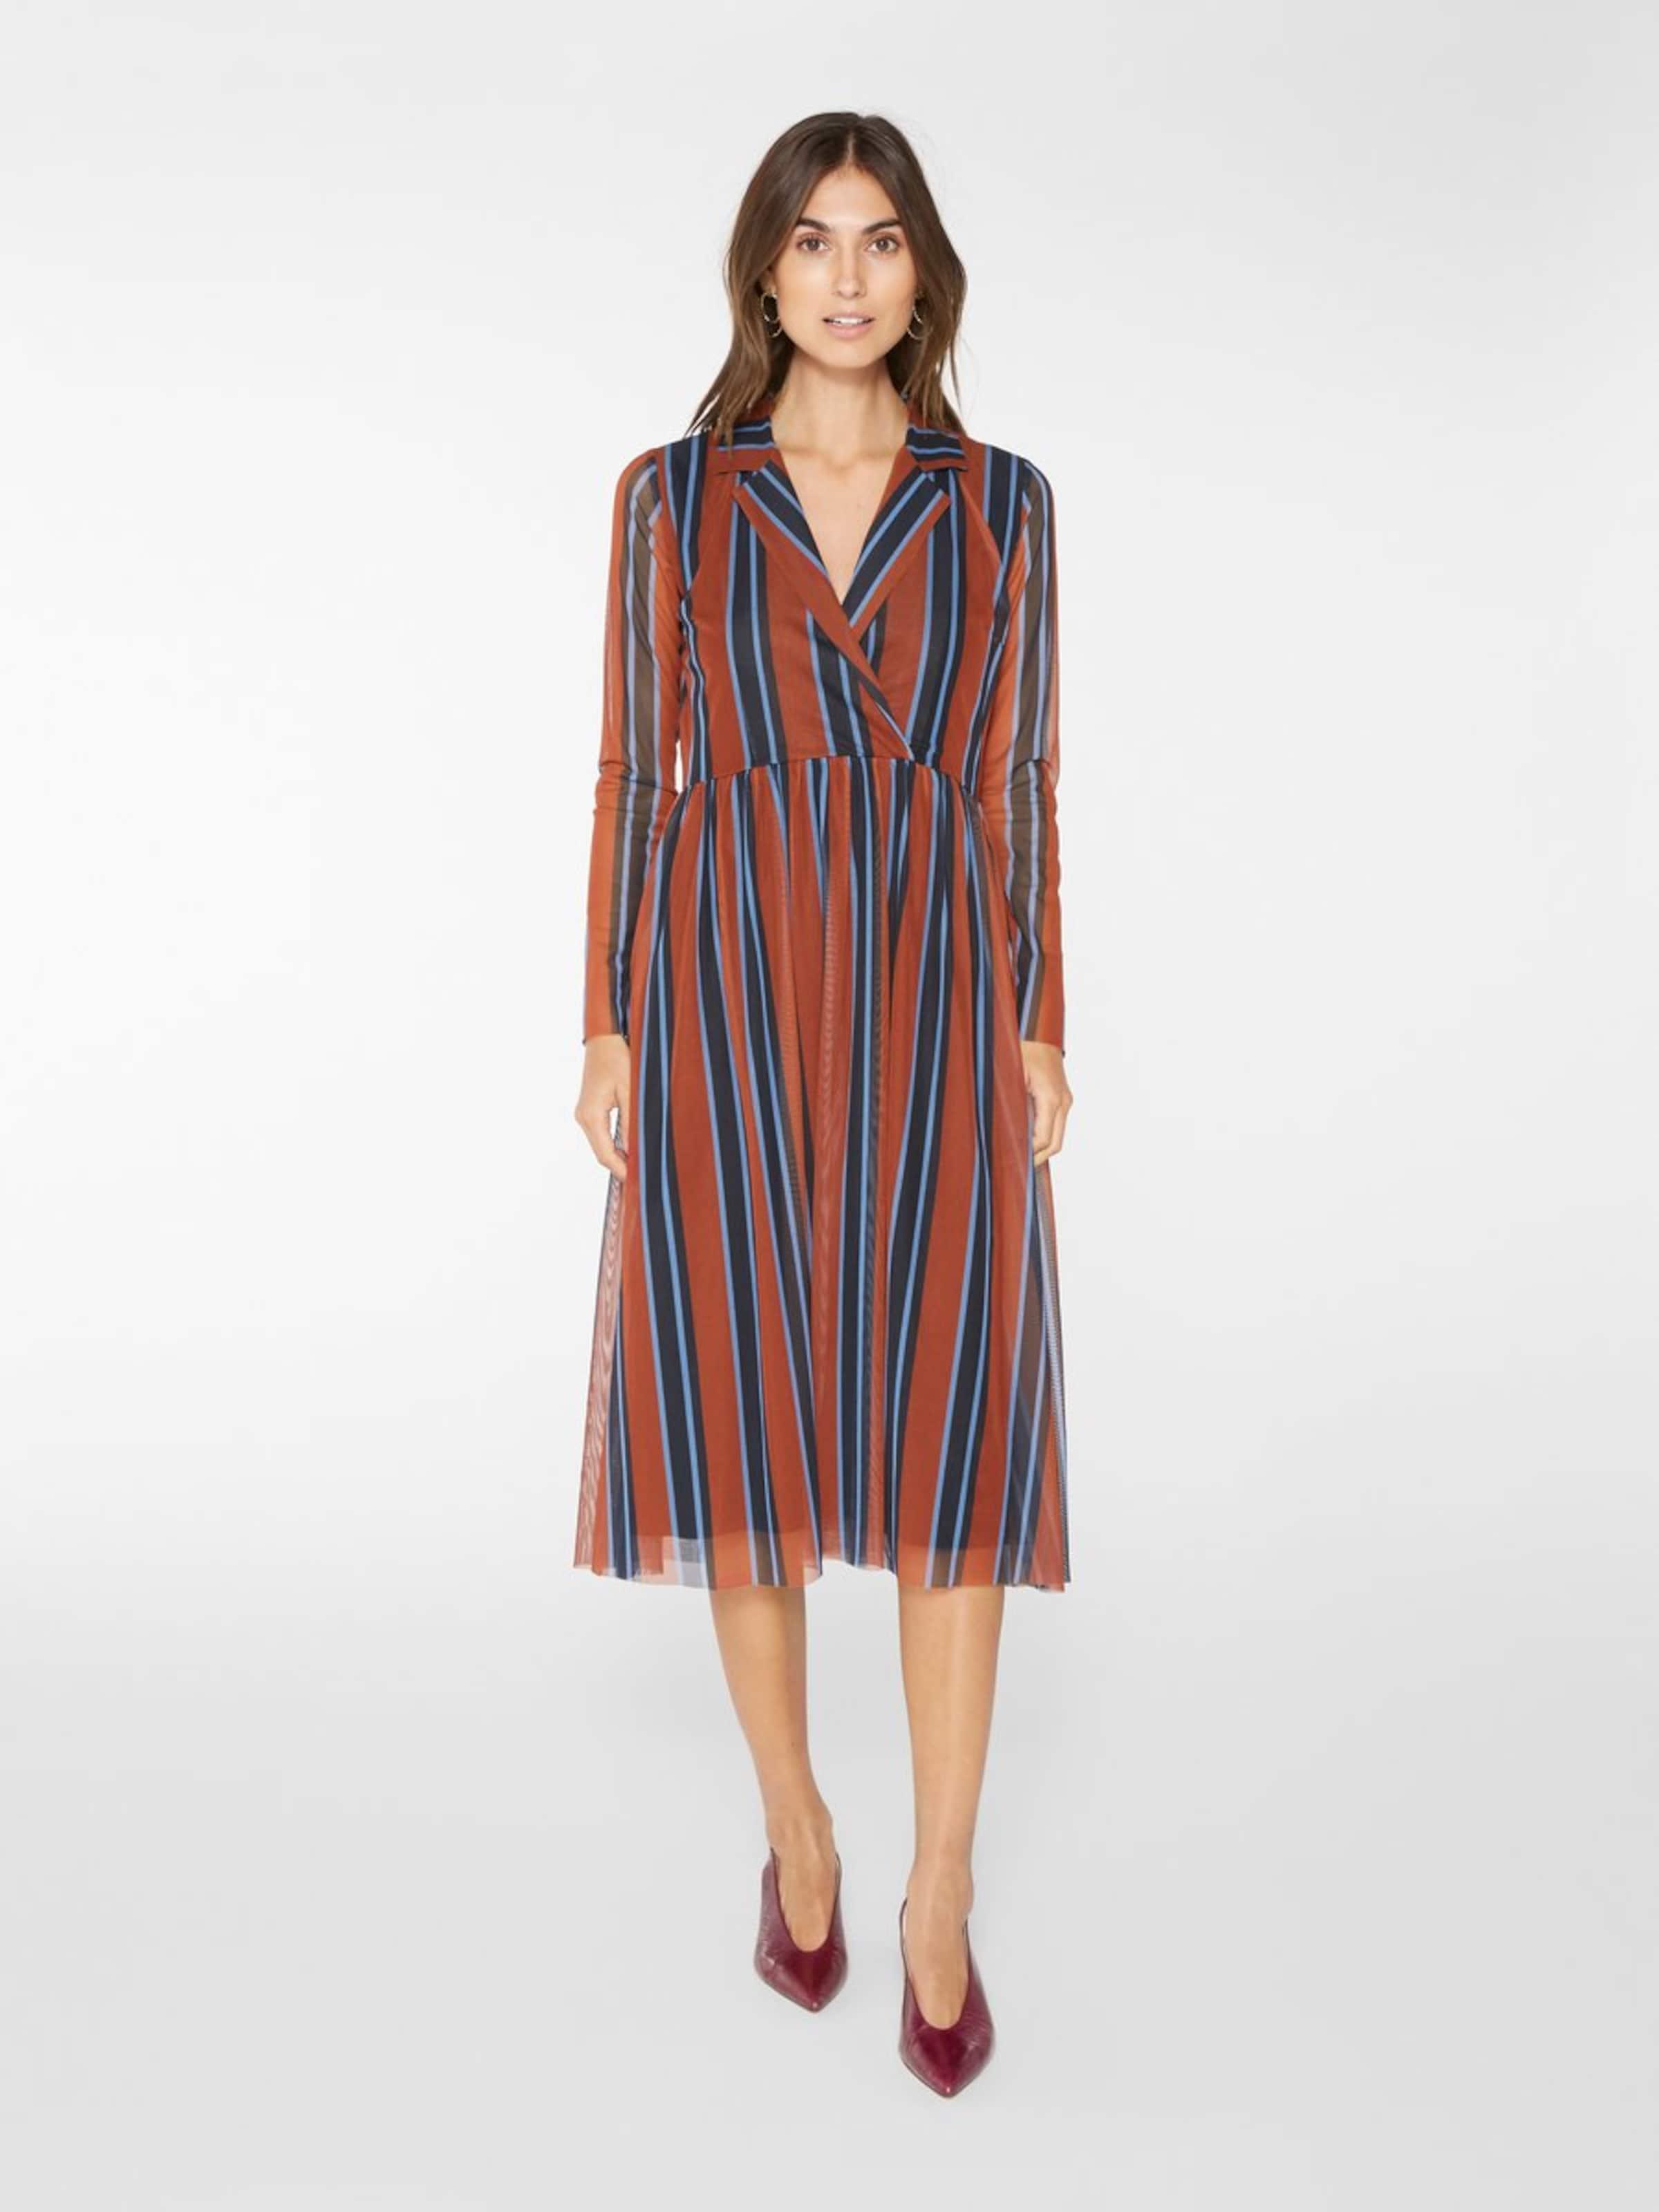 Kleid Rostbraun BlauHellblau a In s Y tsQdrh